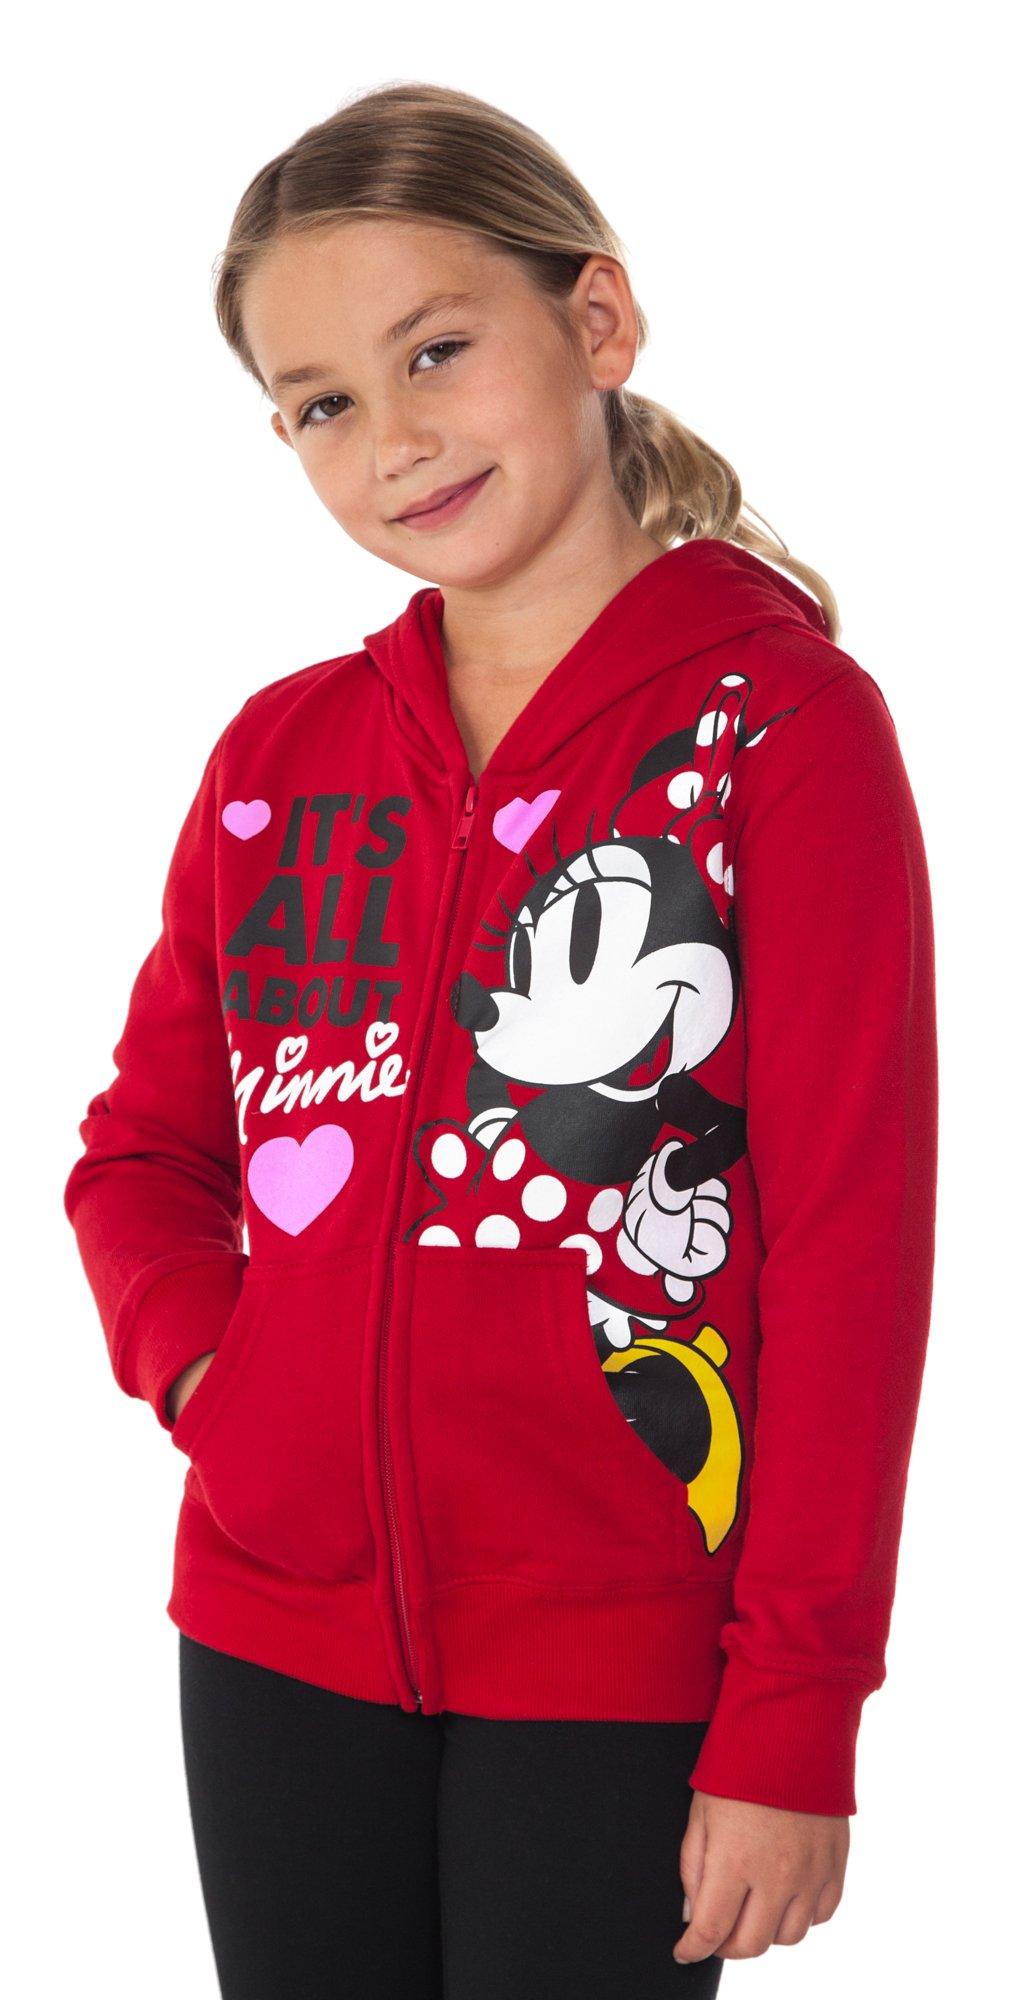 Disney Minnie Mouse Girl's Hoodie Zipper Sweatshirt Print Red (Large (10/12)) by Disney (Image #2)